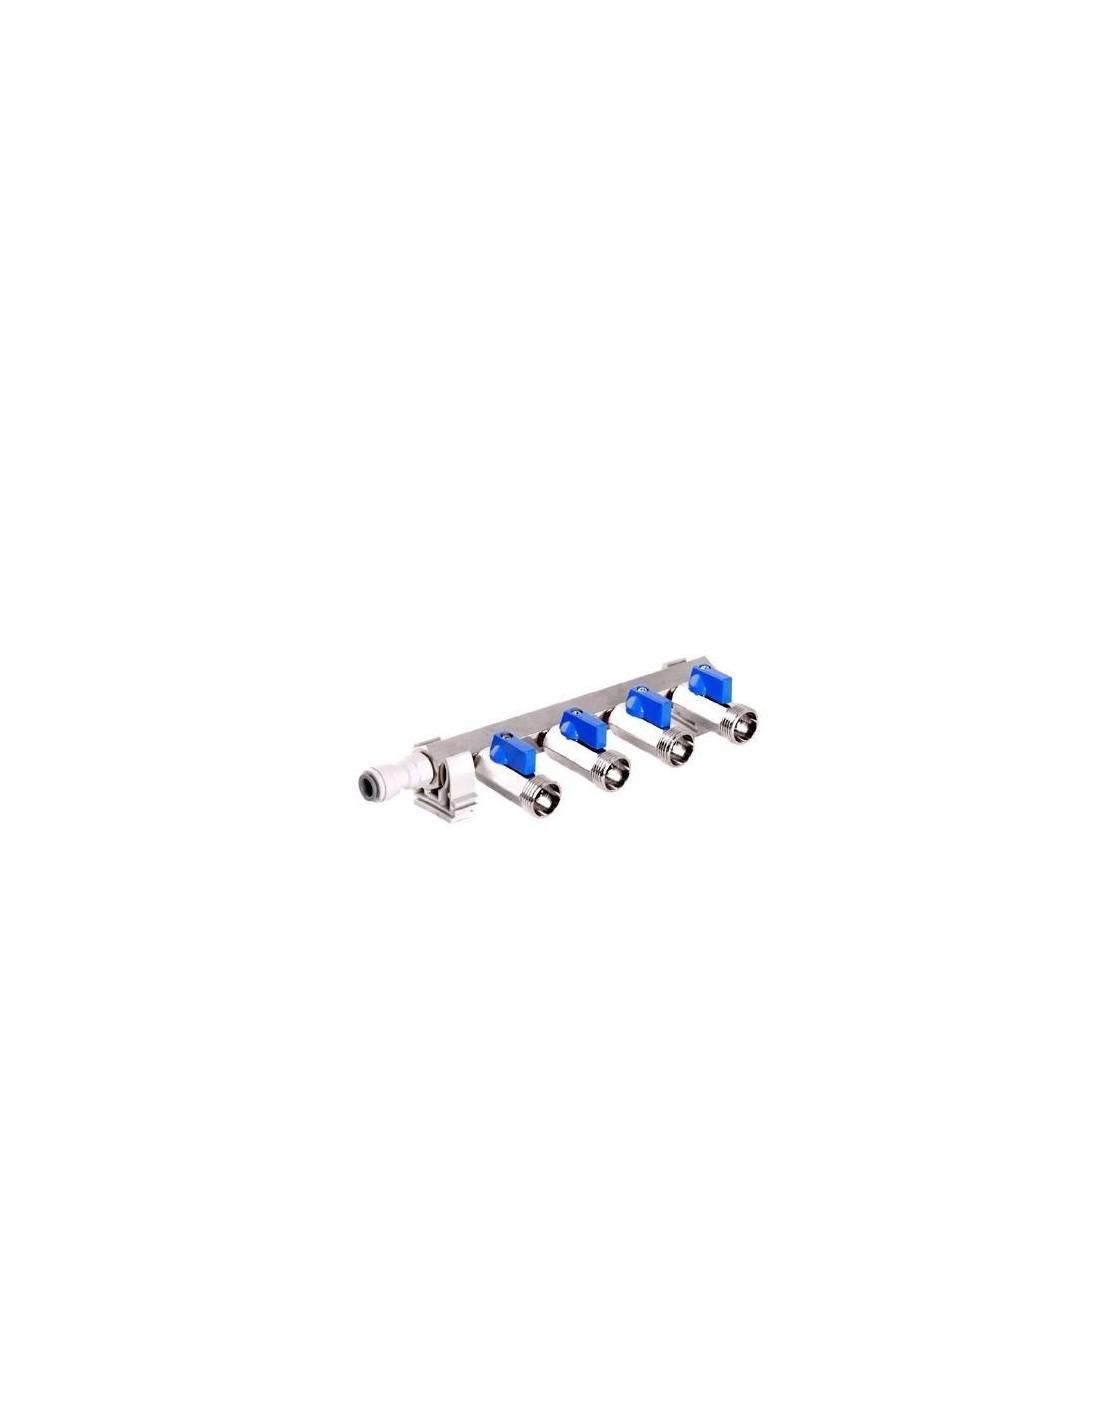 VYR02254 - Förgrening med 4 anslutningar och avstängningskranar